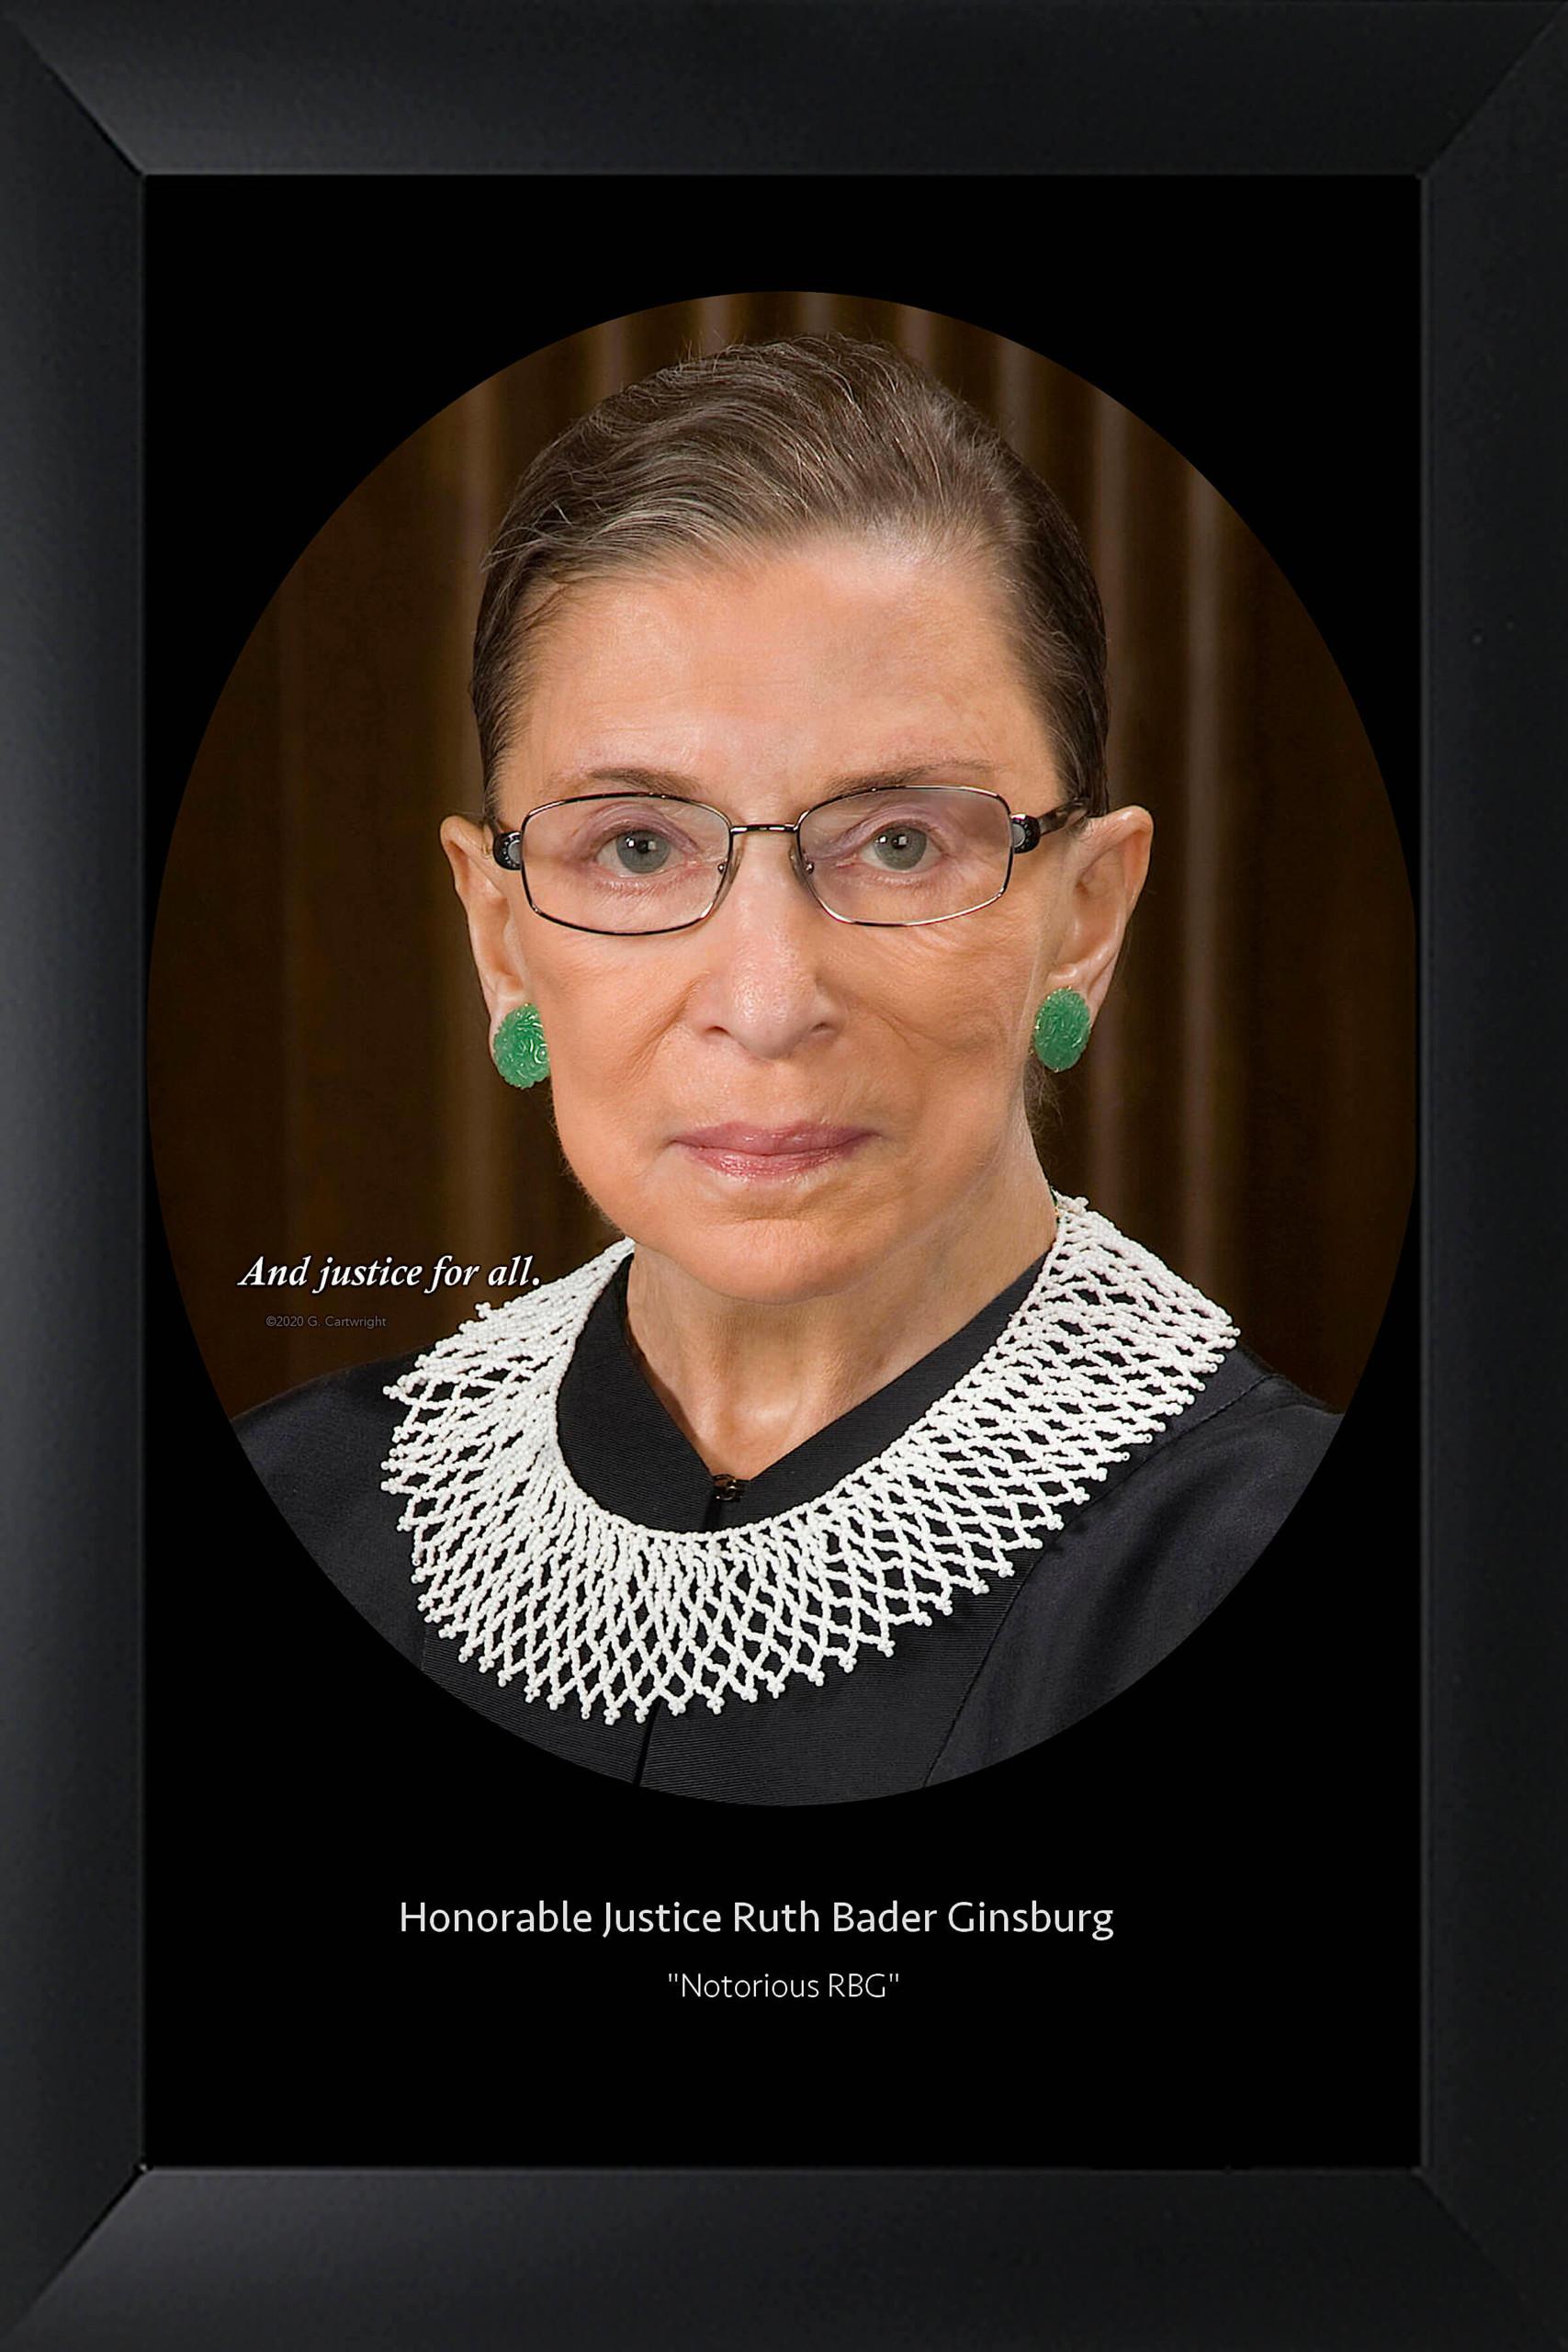 Notorious RBG- Justice Ruth Bader Ginsburg